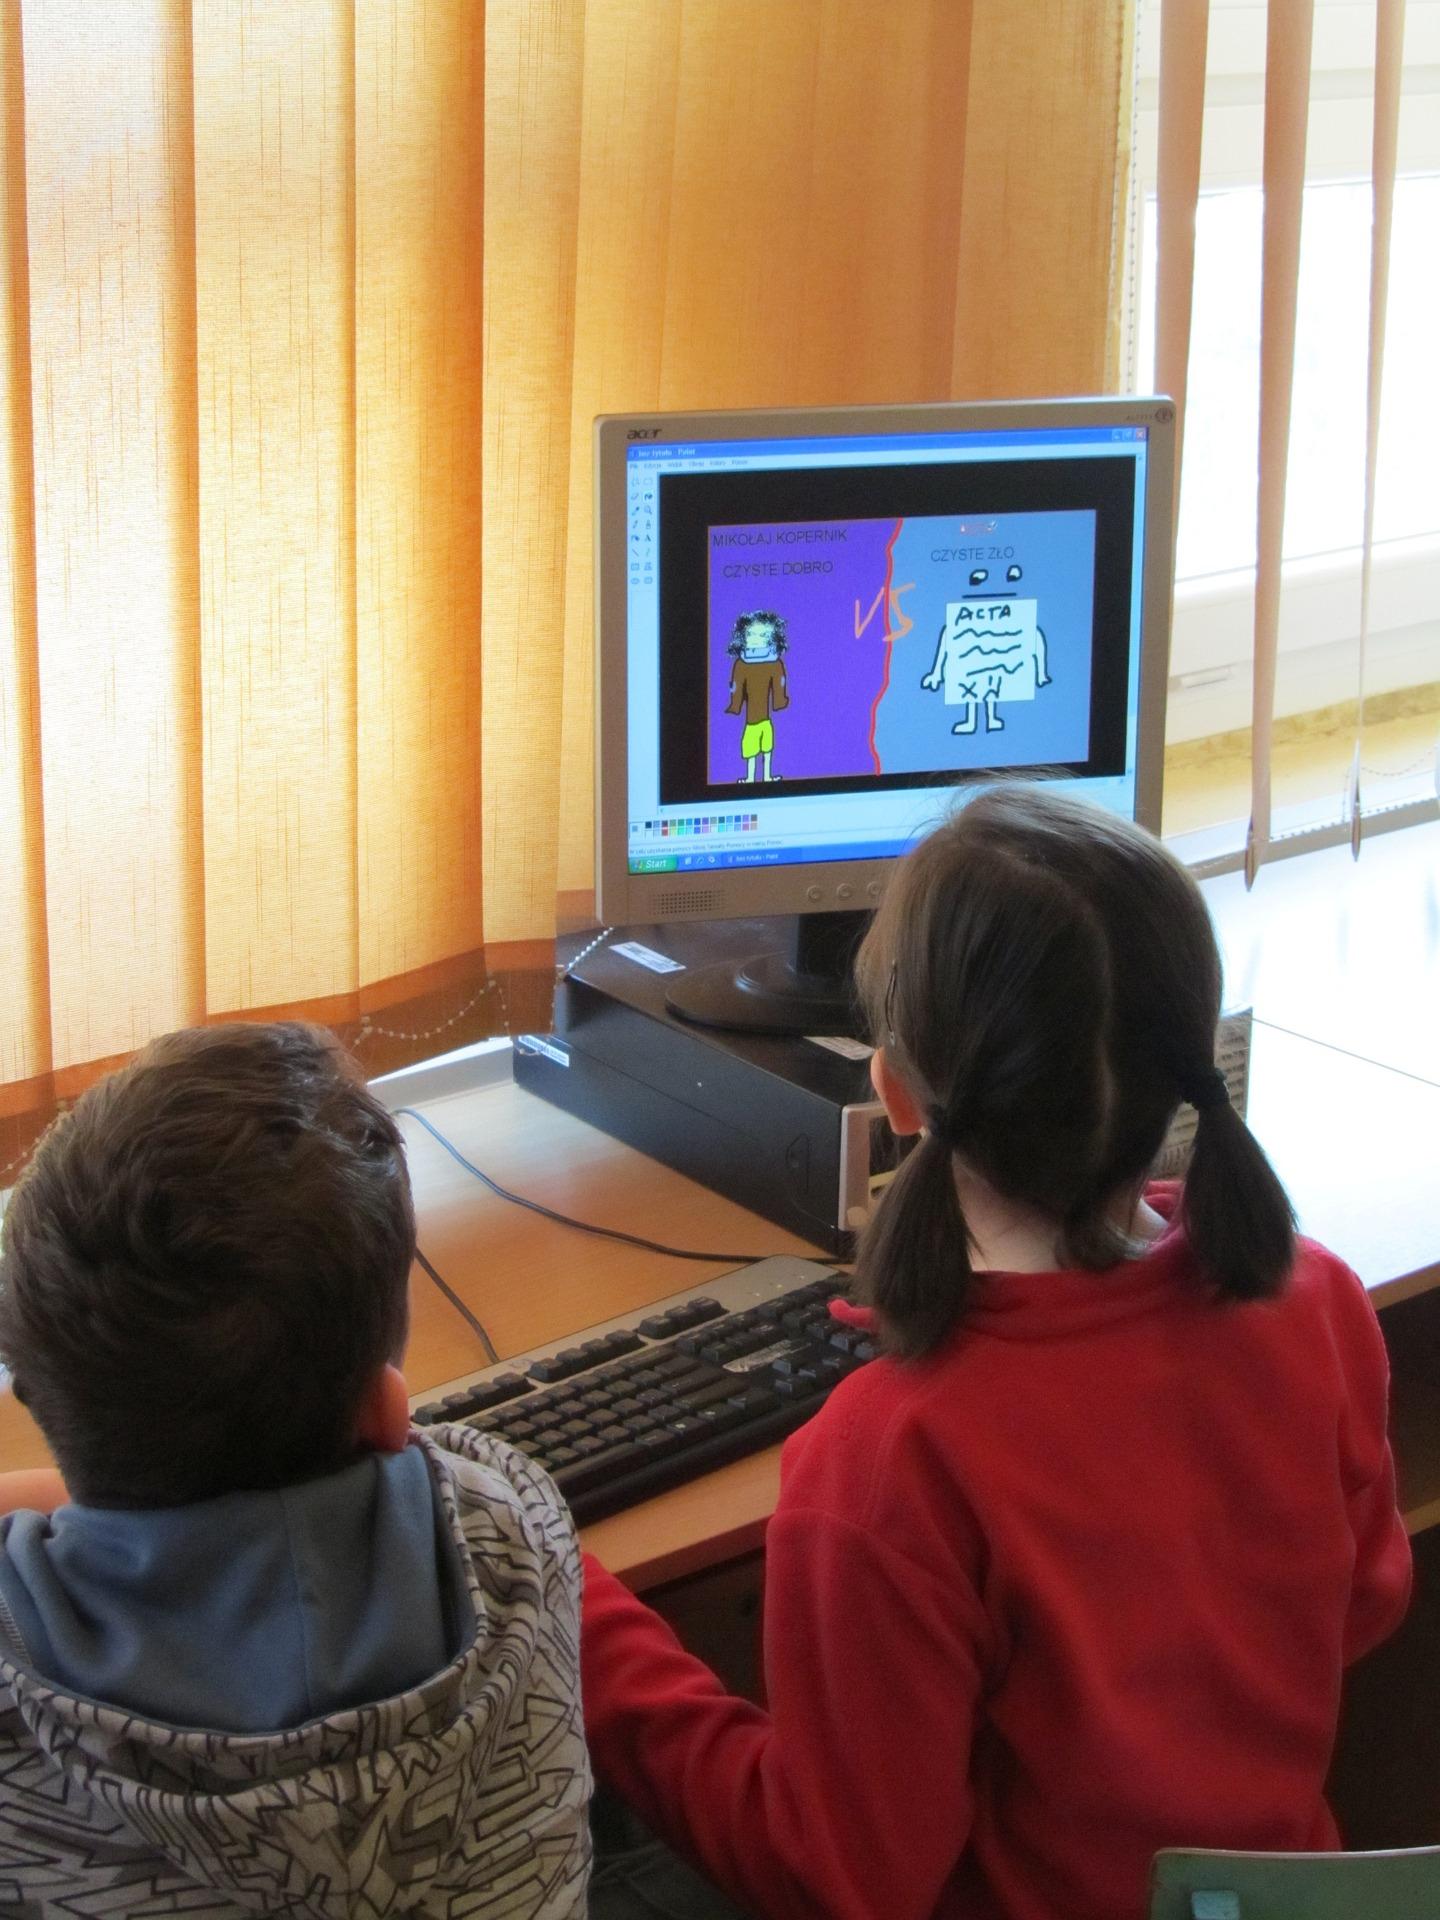 Drahtloses Internet in Bildungseinrichtungen